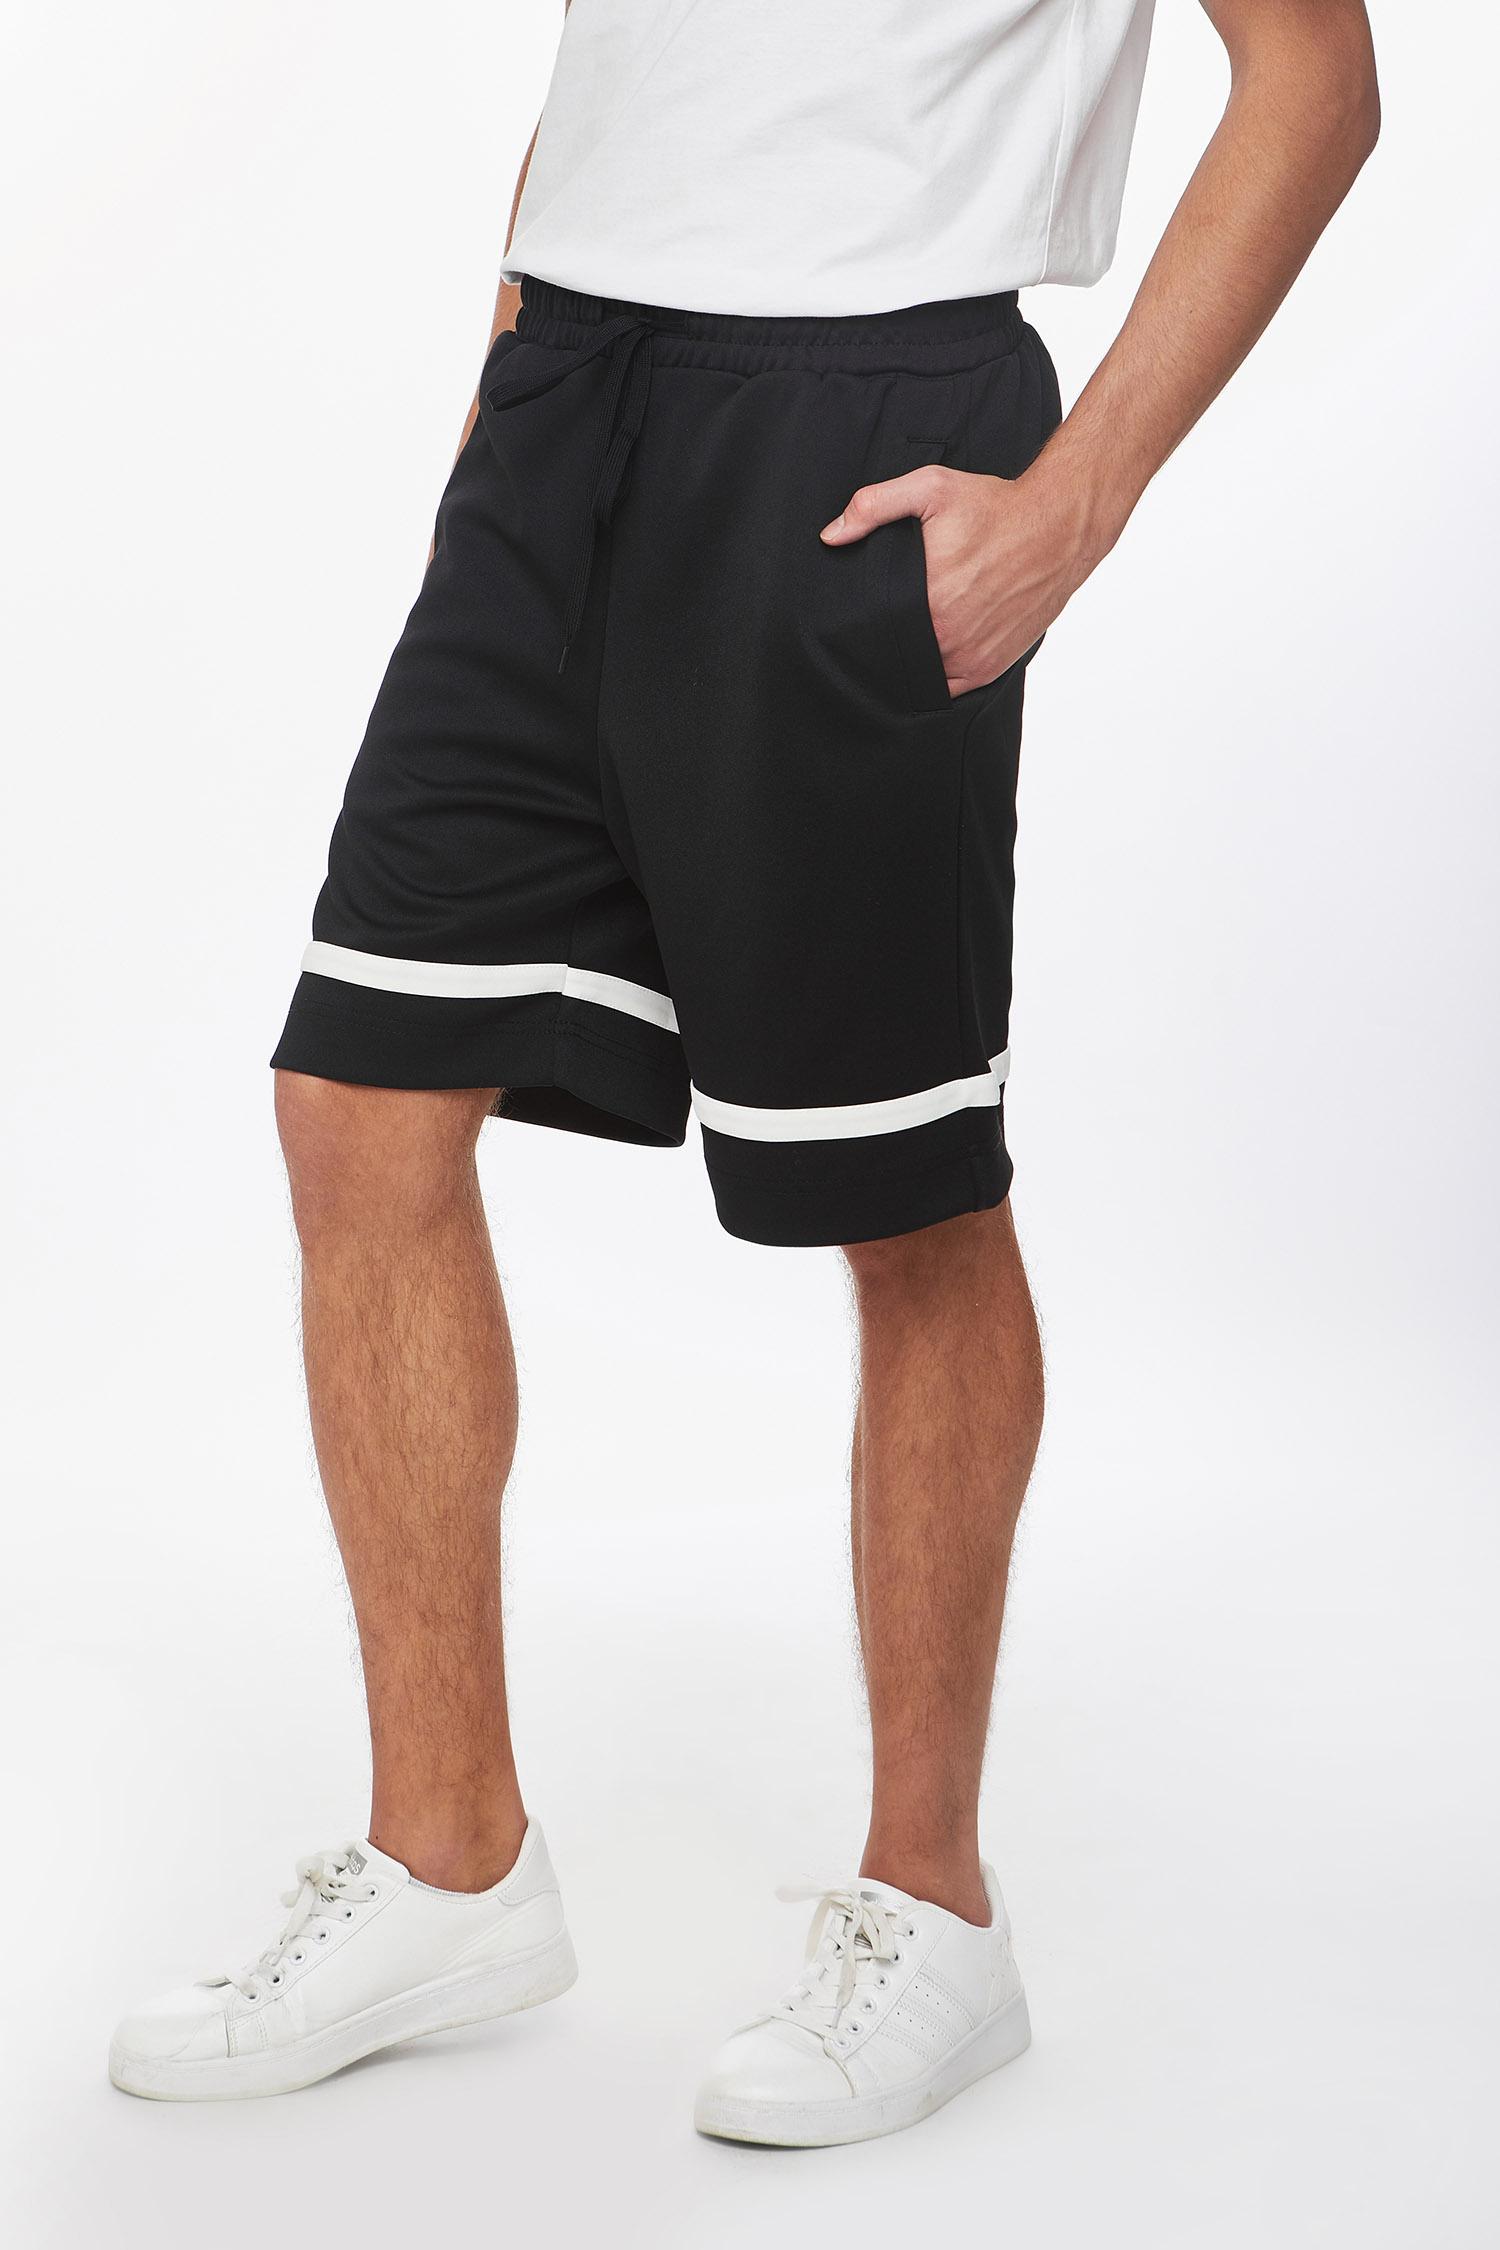 quần short nam - 1906080